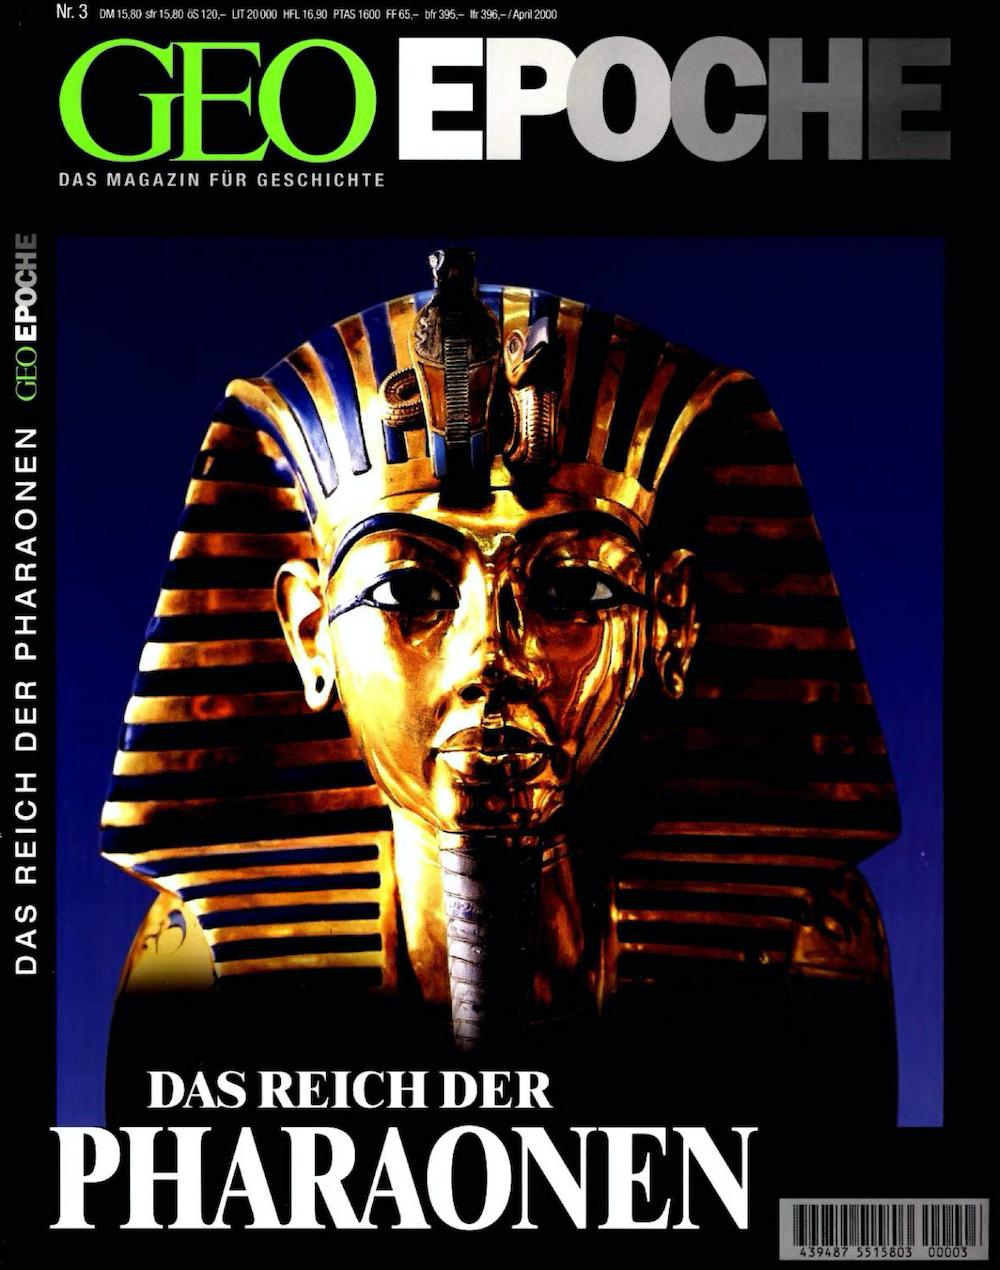 GEO Epoche 2000-03 Pharaonen